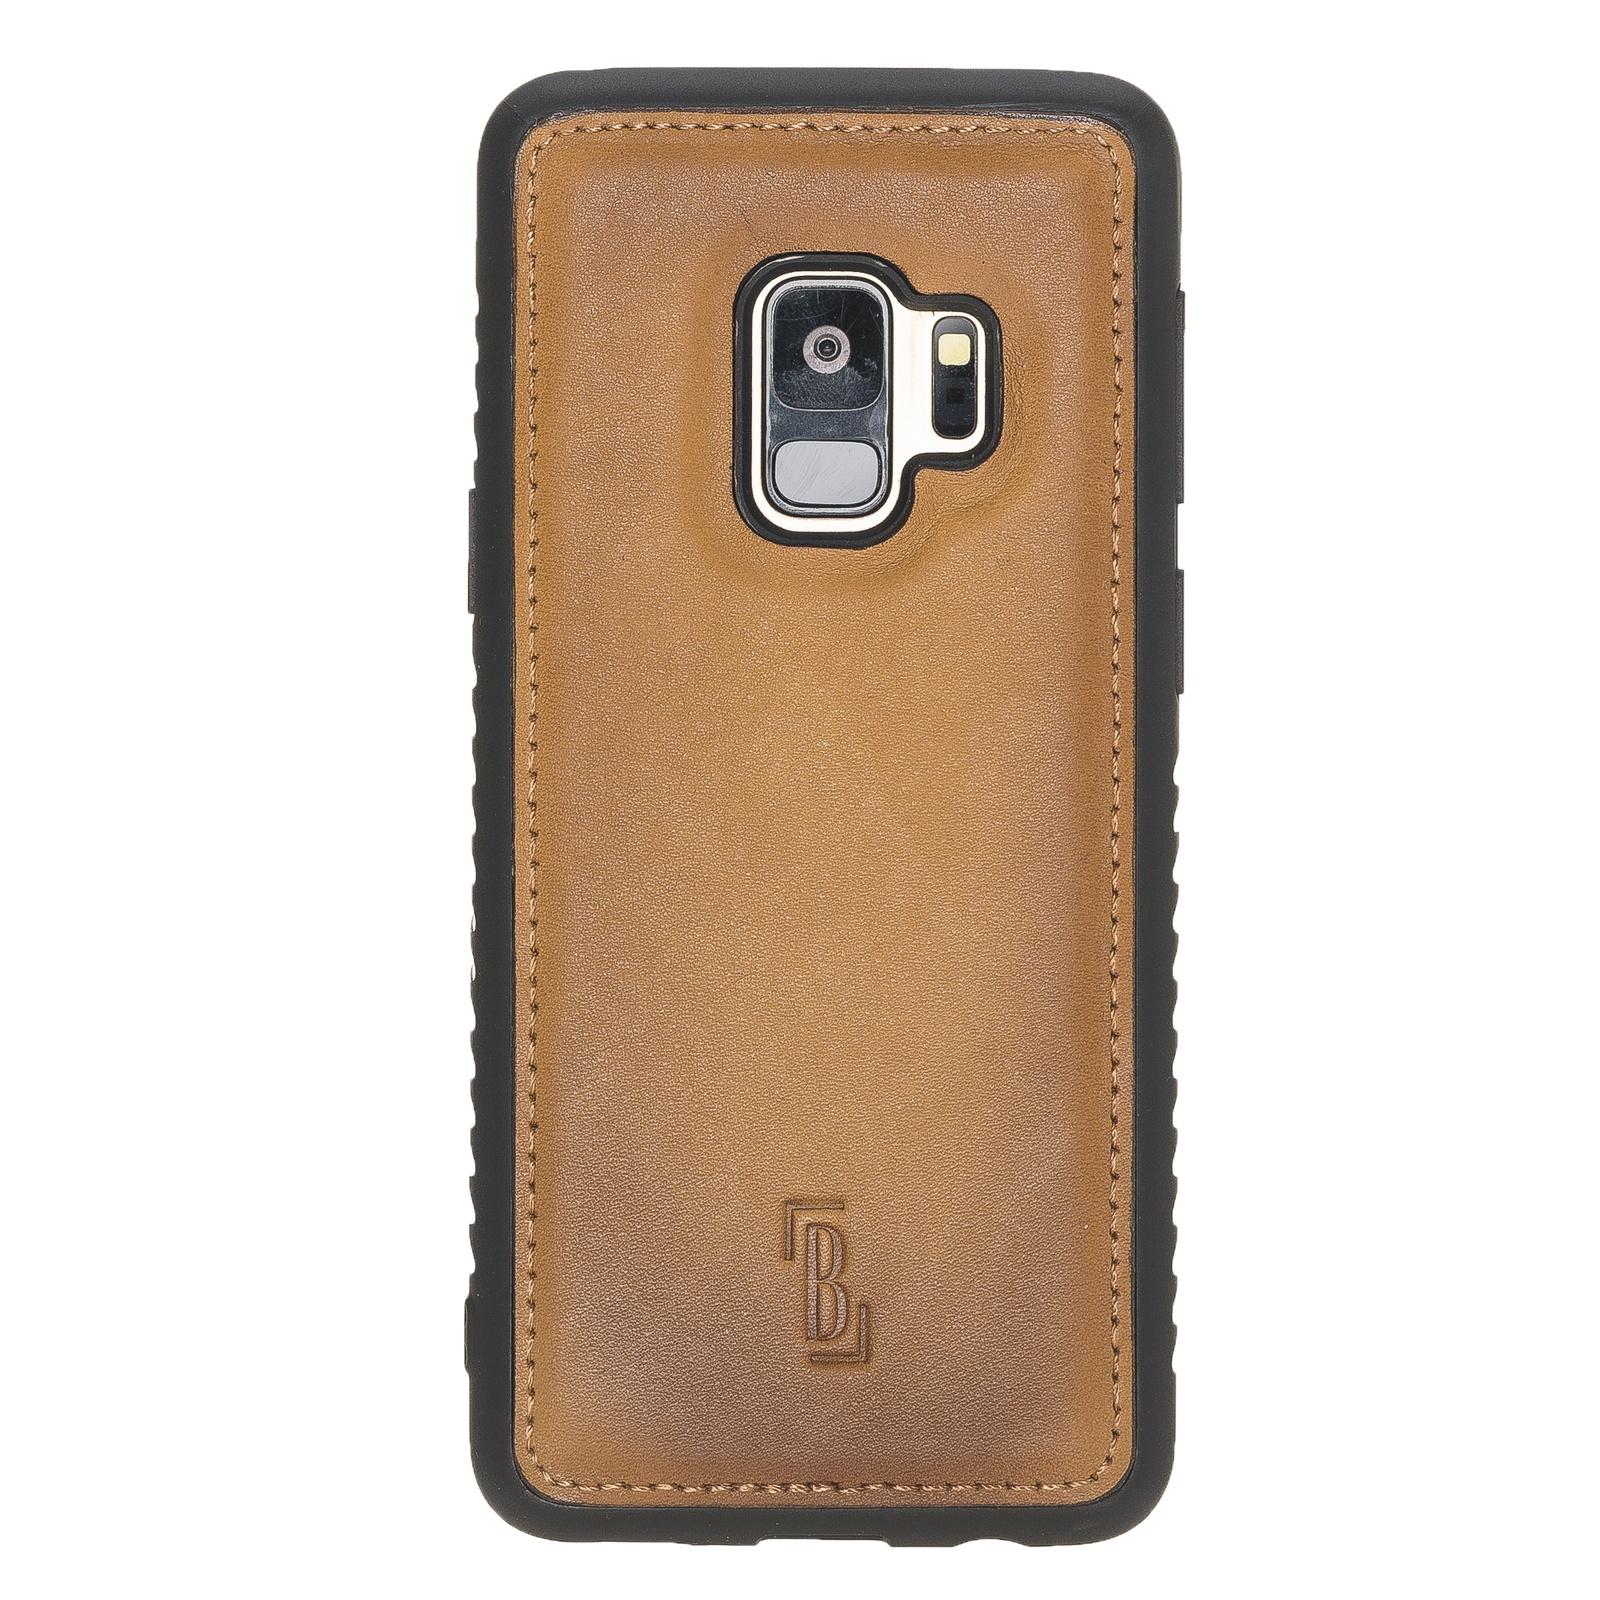 Чехол для сотового телефона Burkley для Samsung Galaxy S9 FlexCover, бронза